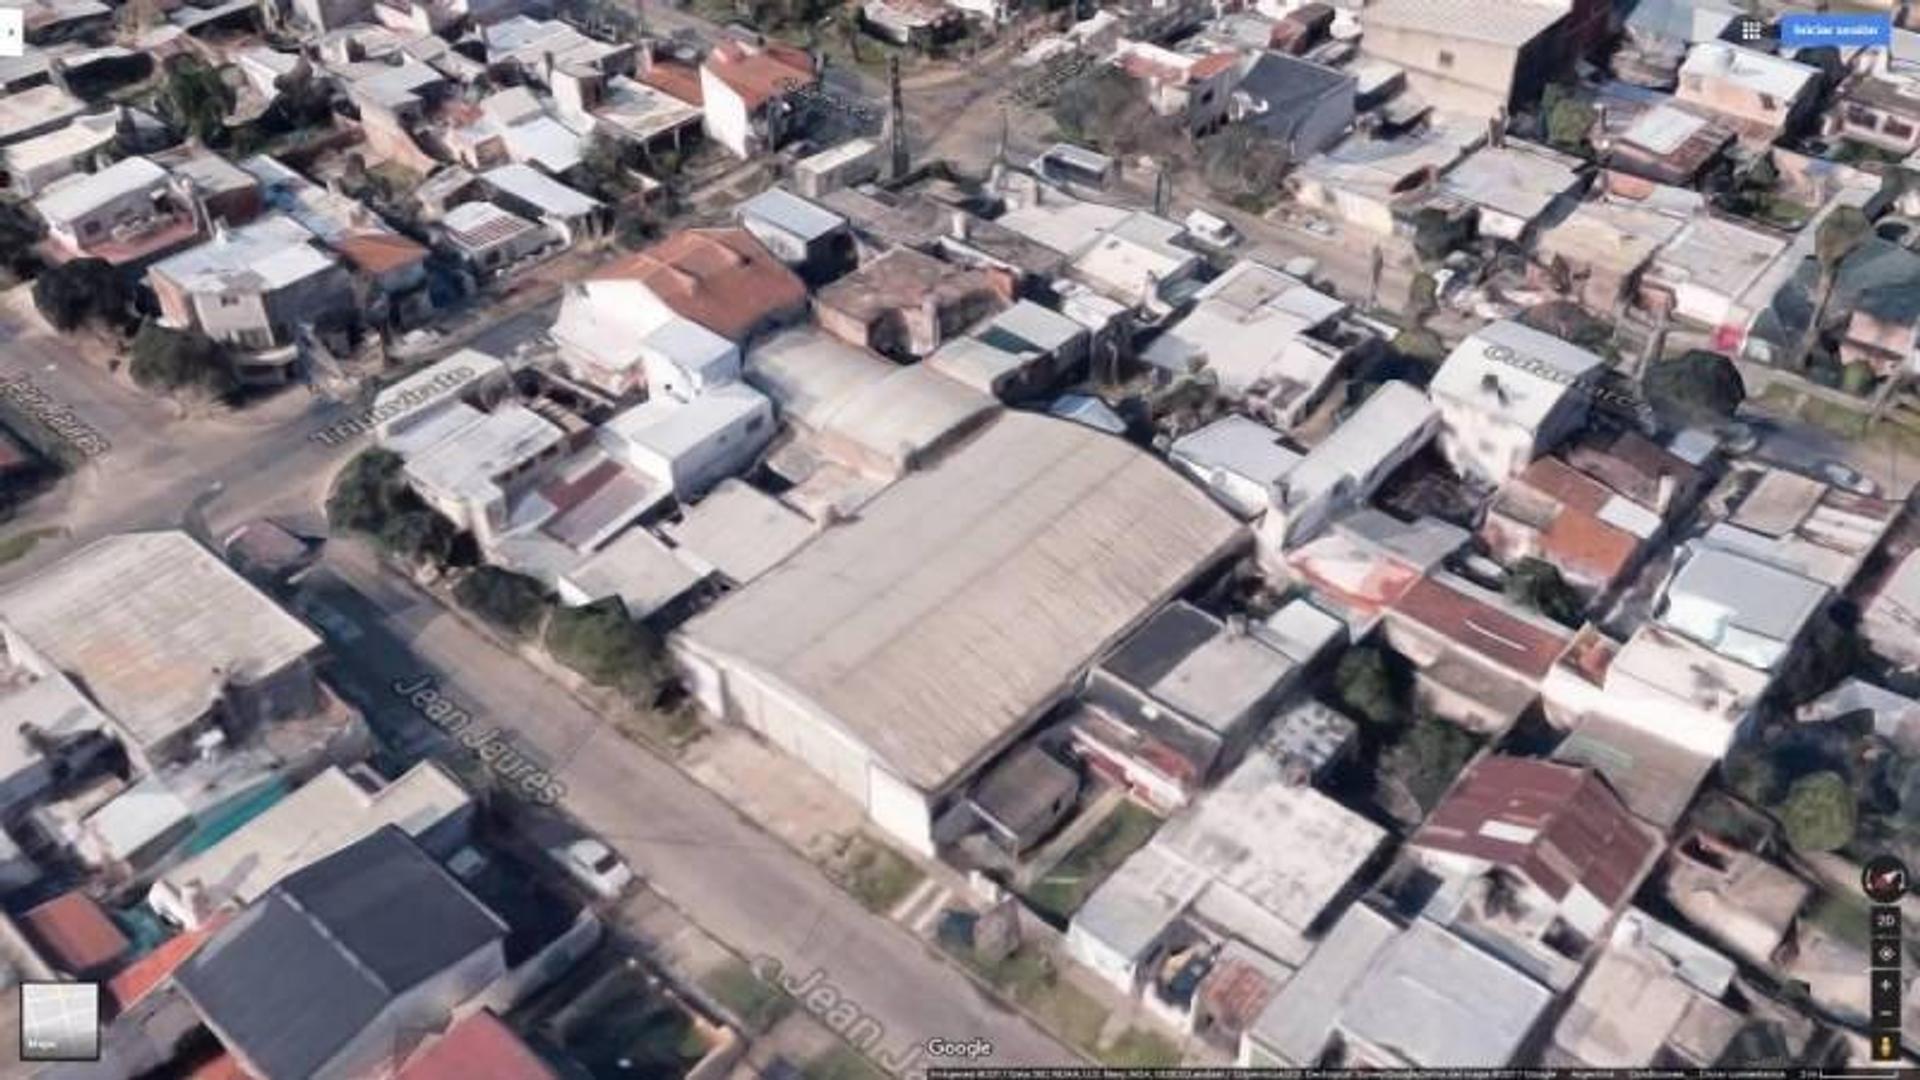 Importante Galpón de 600 M2 a solo 800 metros de la autopista Panamericana y Av. Angel T. de Alvear